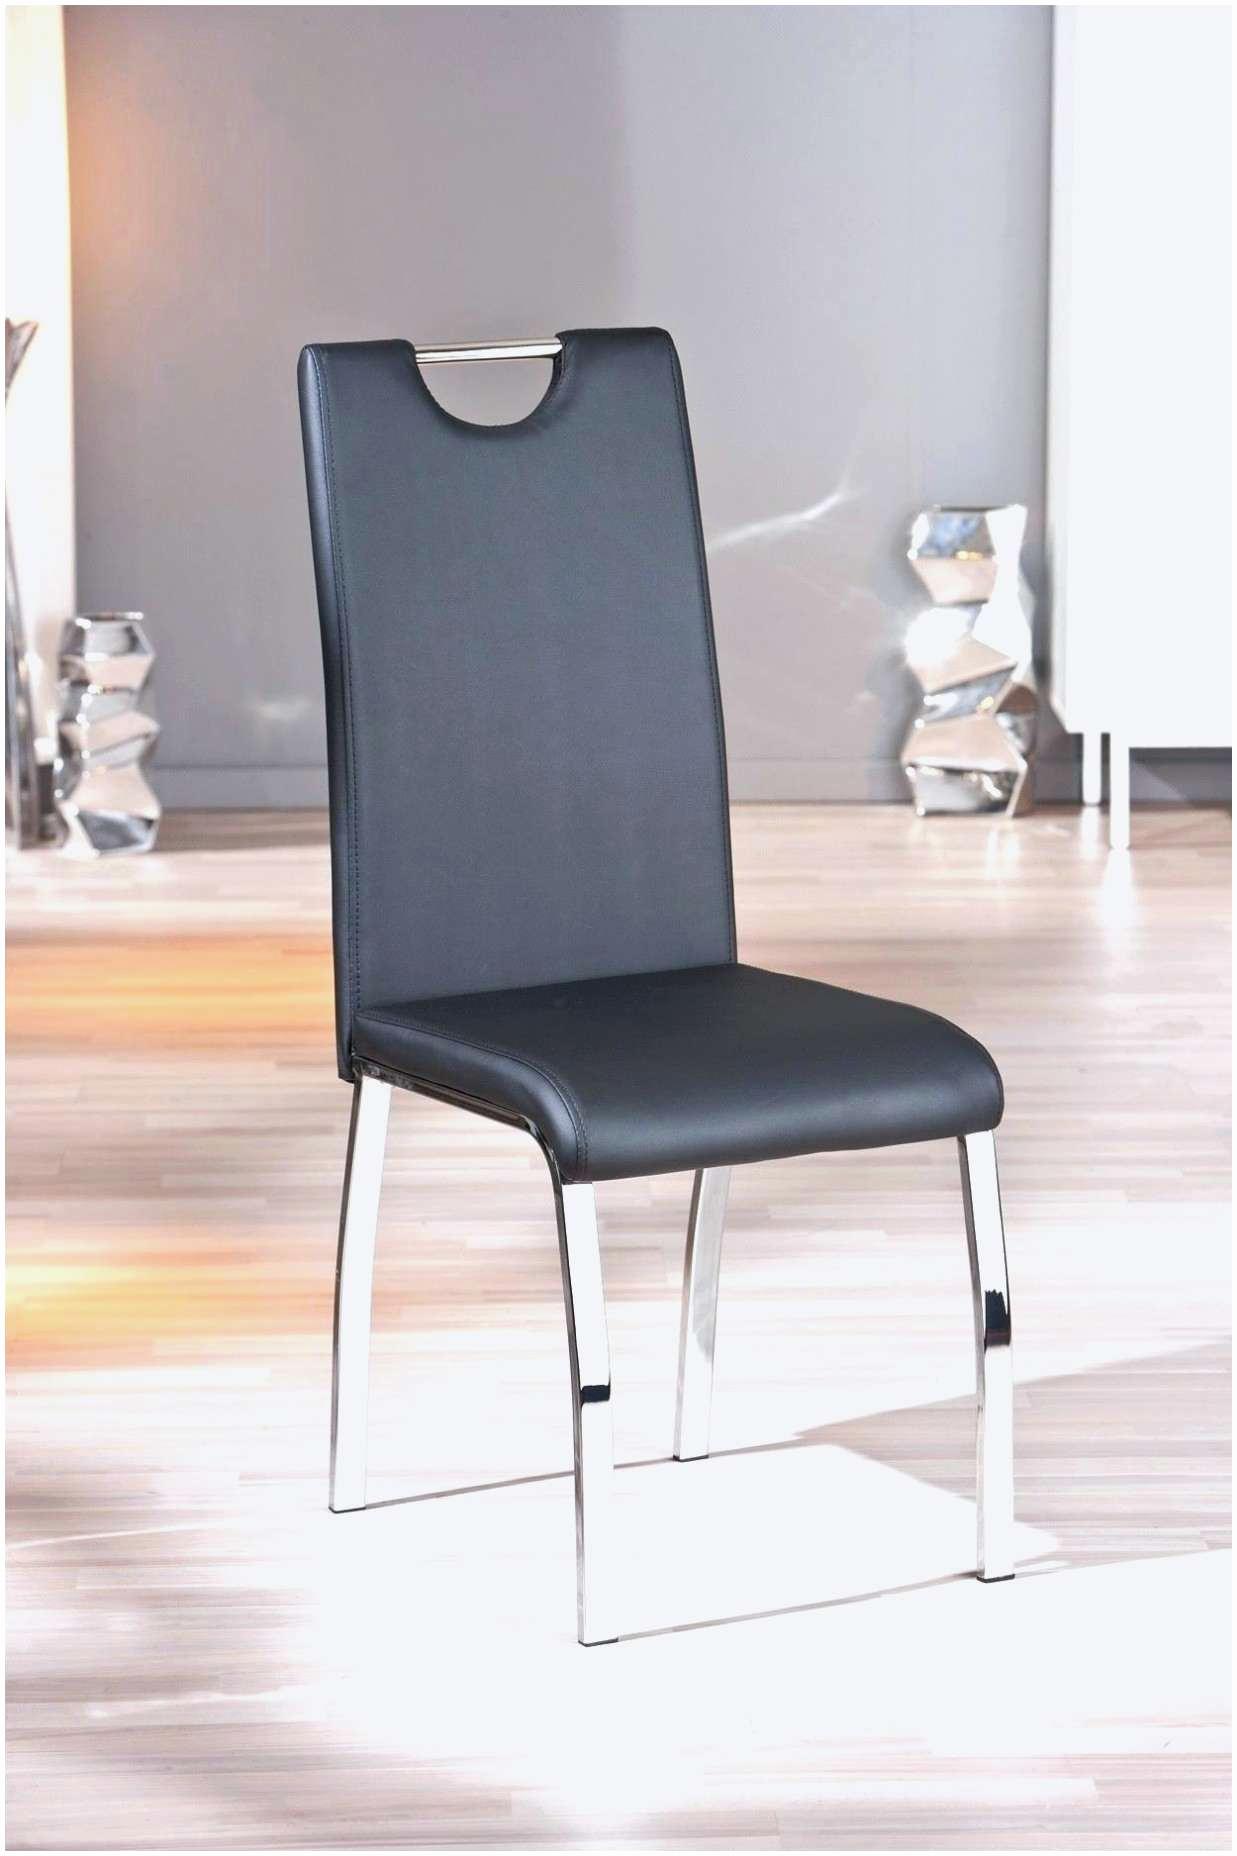 fauteuil fil plastique beau luxe lesmeubles chaise rar chaise jaune chaise grise 0d coleymixan of fauteuil fil plastique